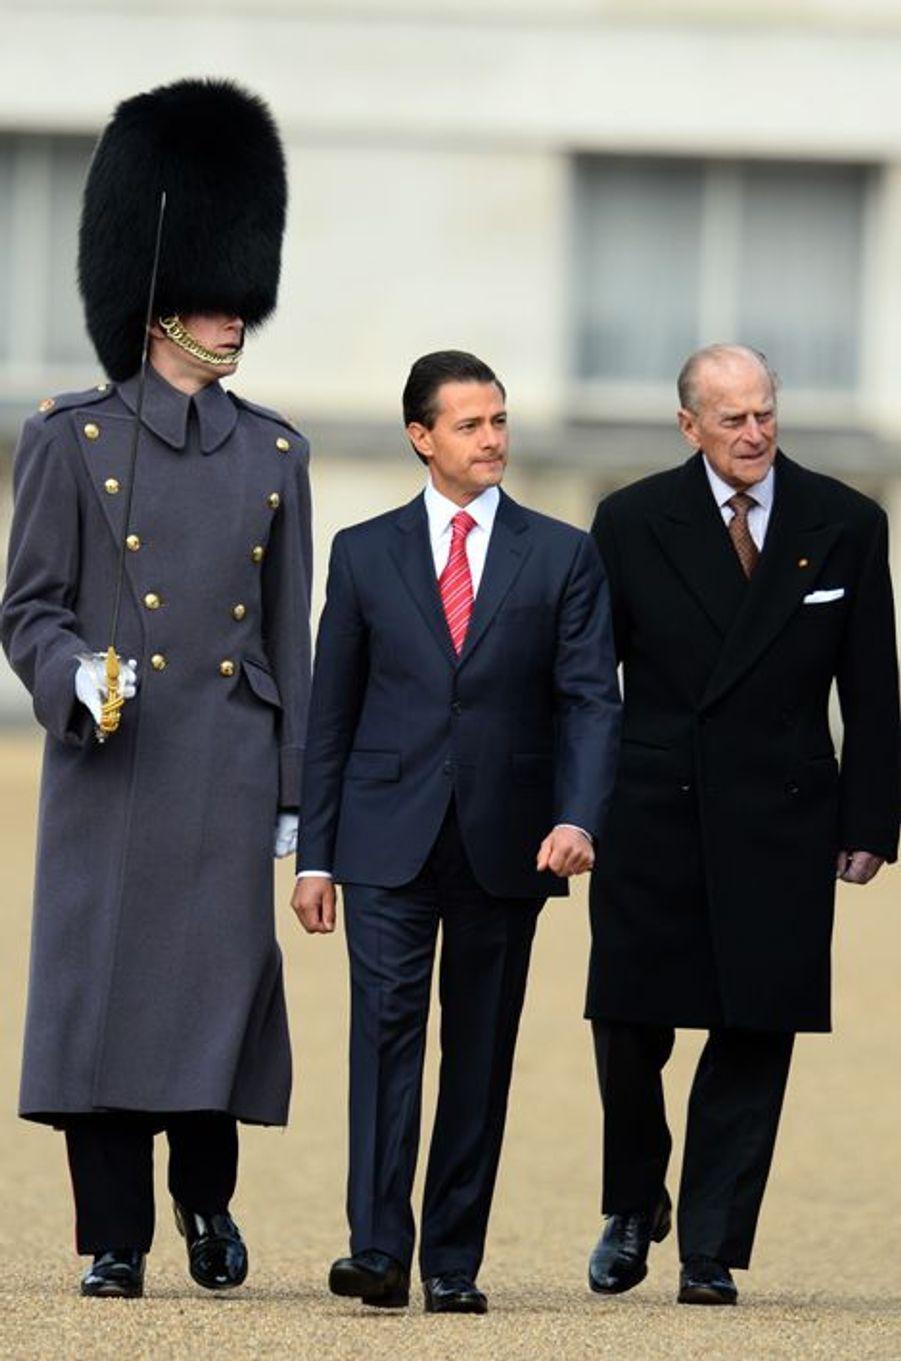 Le duc d'Edimbourg et Enrique Pena Nieto à Londres, le 3 mars 2015